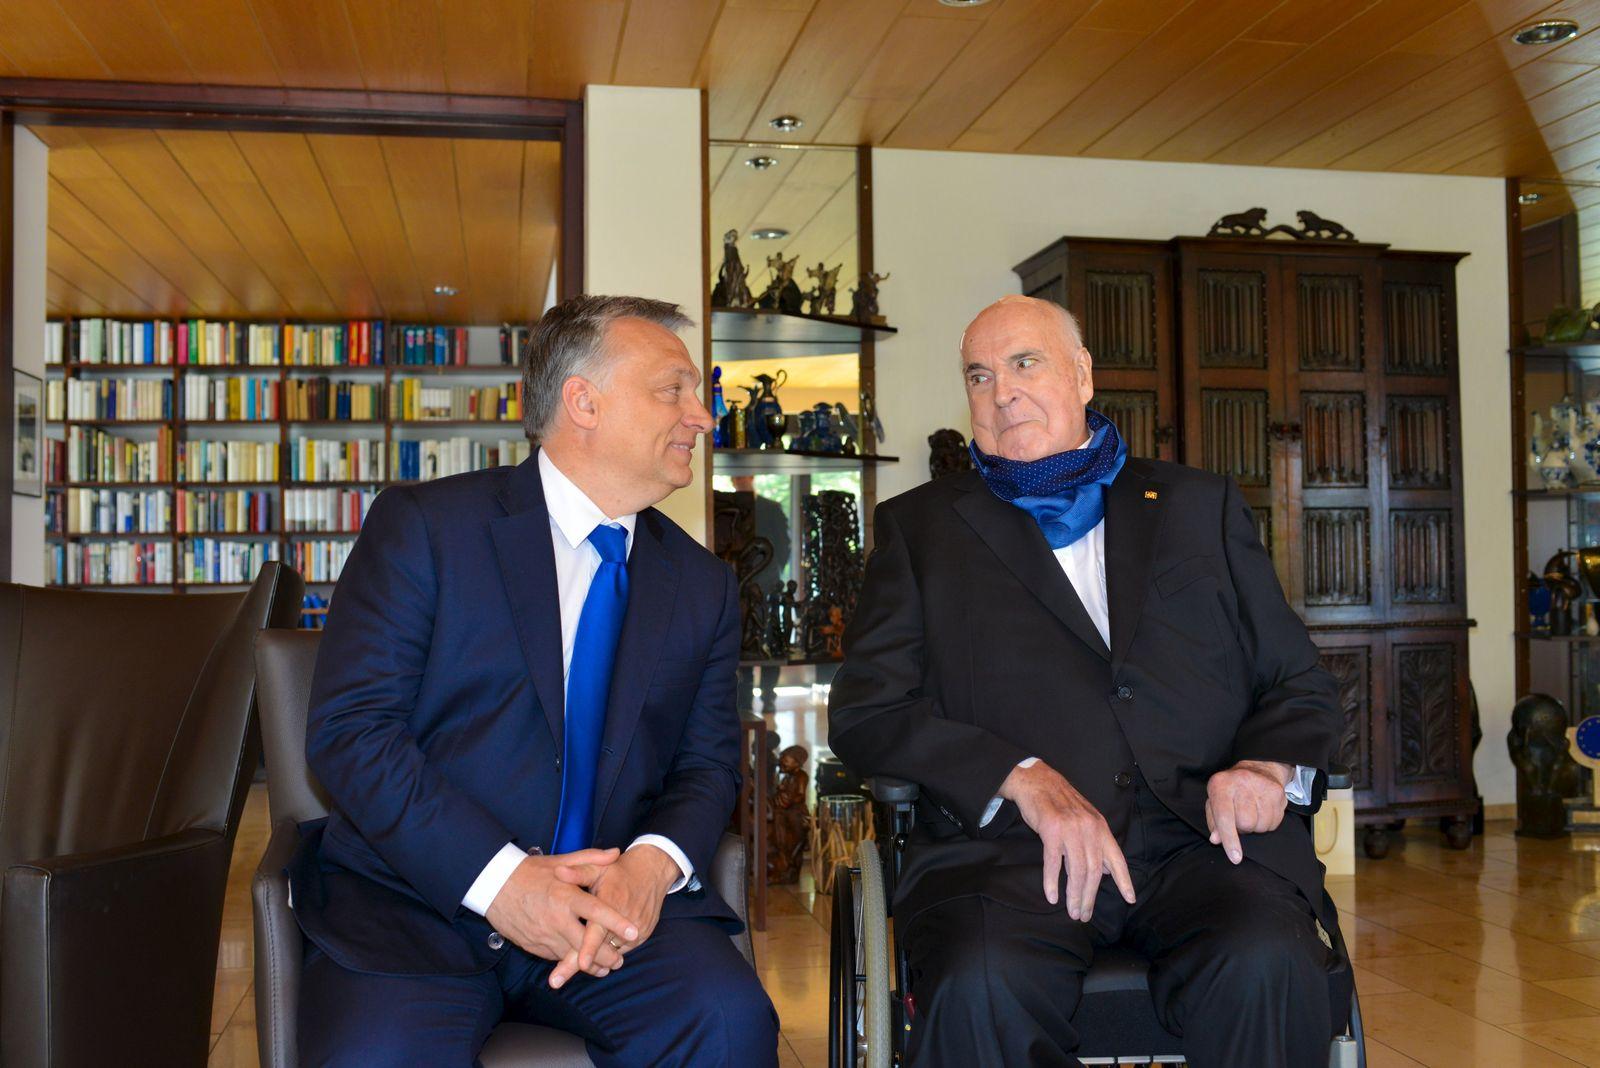 Viktor Orban / Helmut Kohl